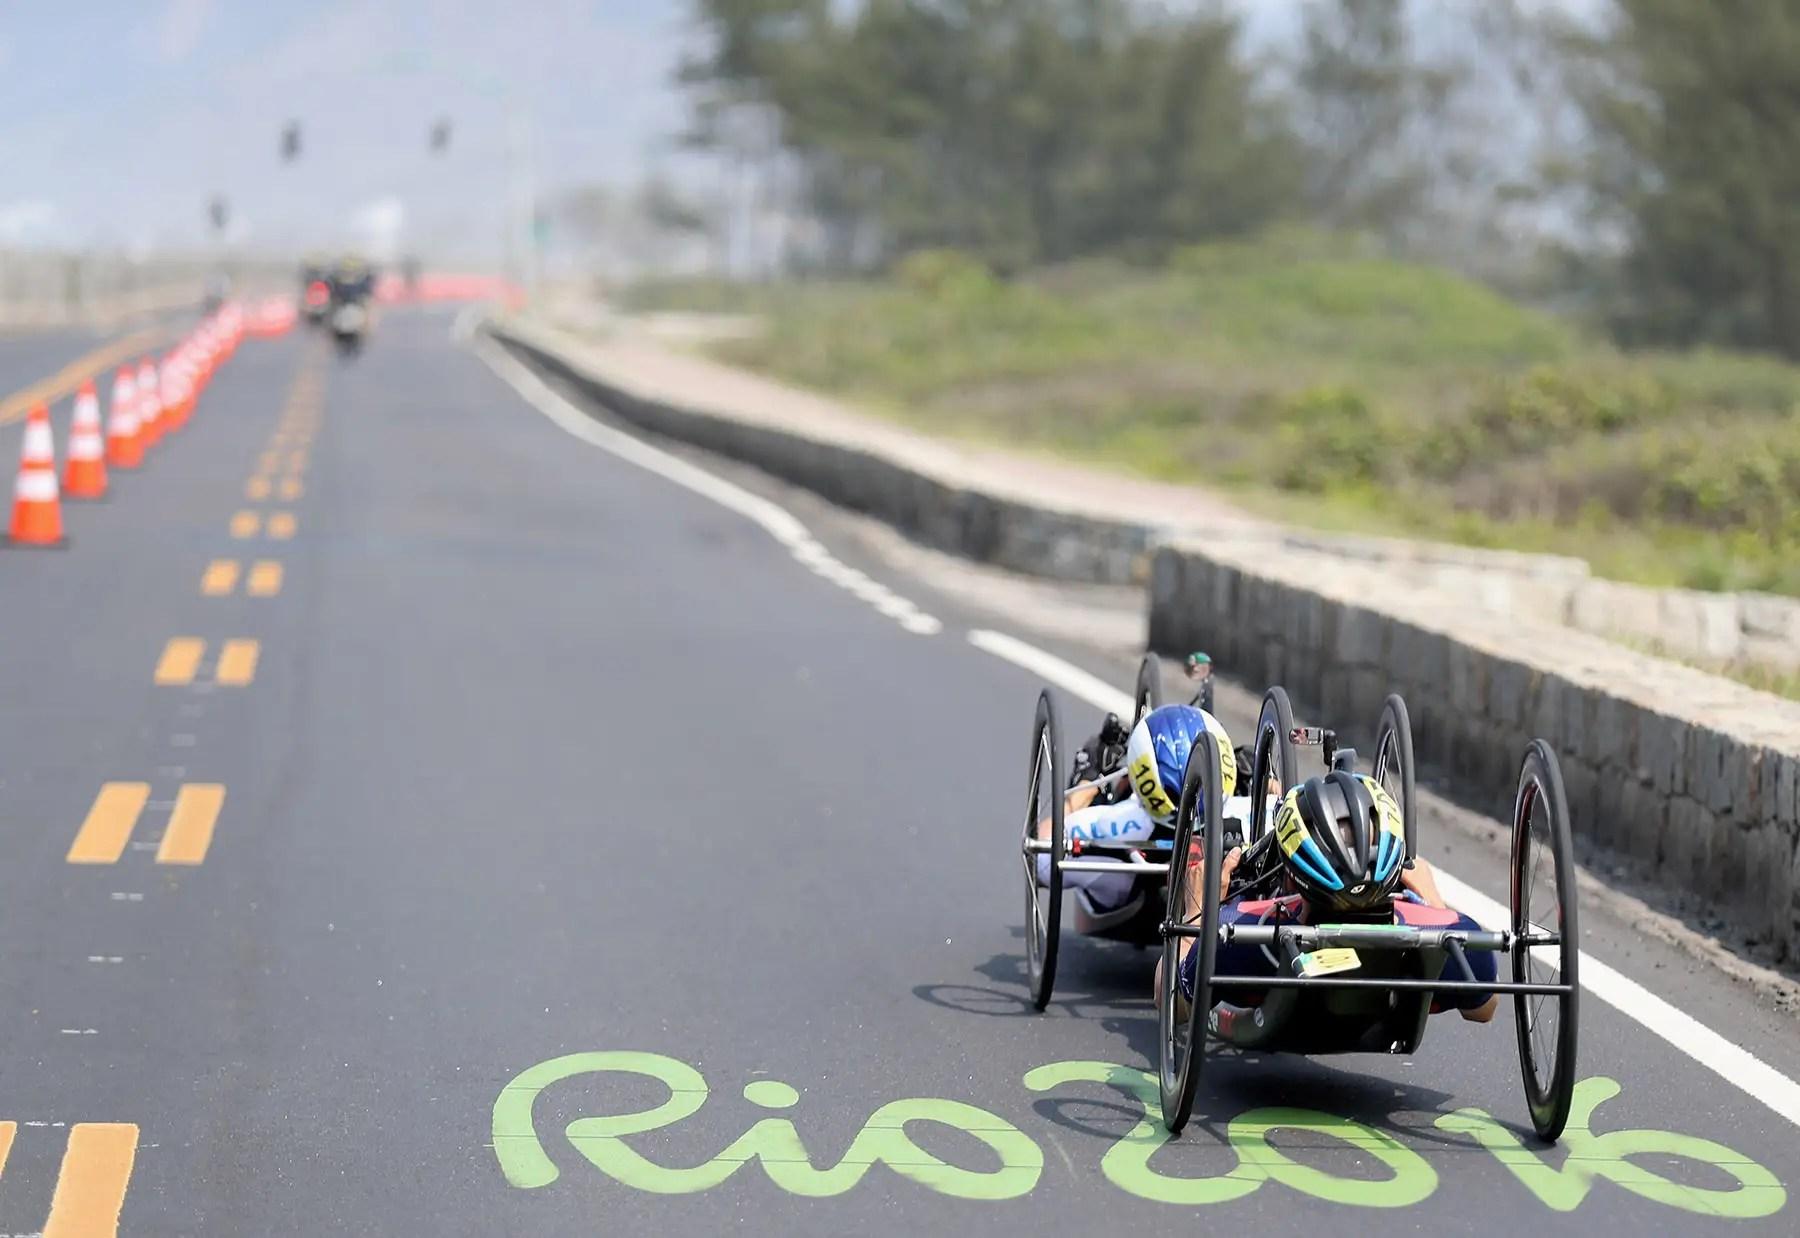 Dos corredores en silla de ruedas compiten en una carrera de ruta.